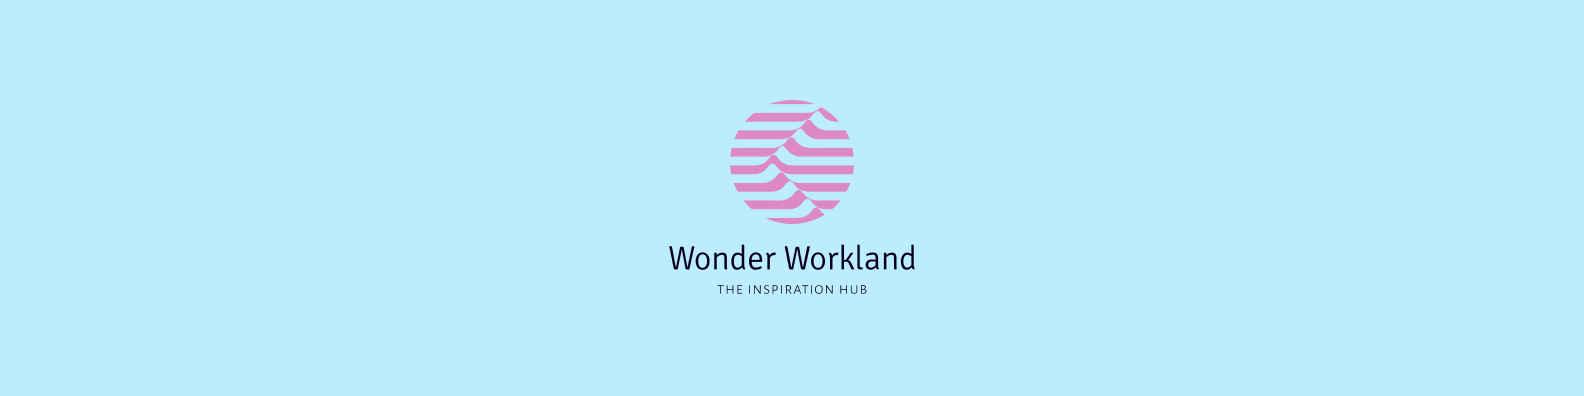 Wonder Workland banner fotograf